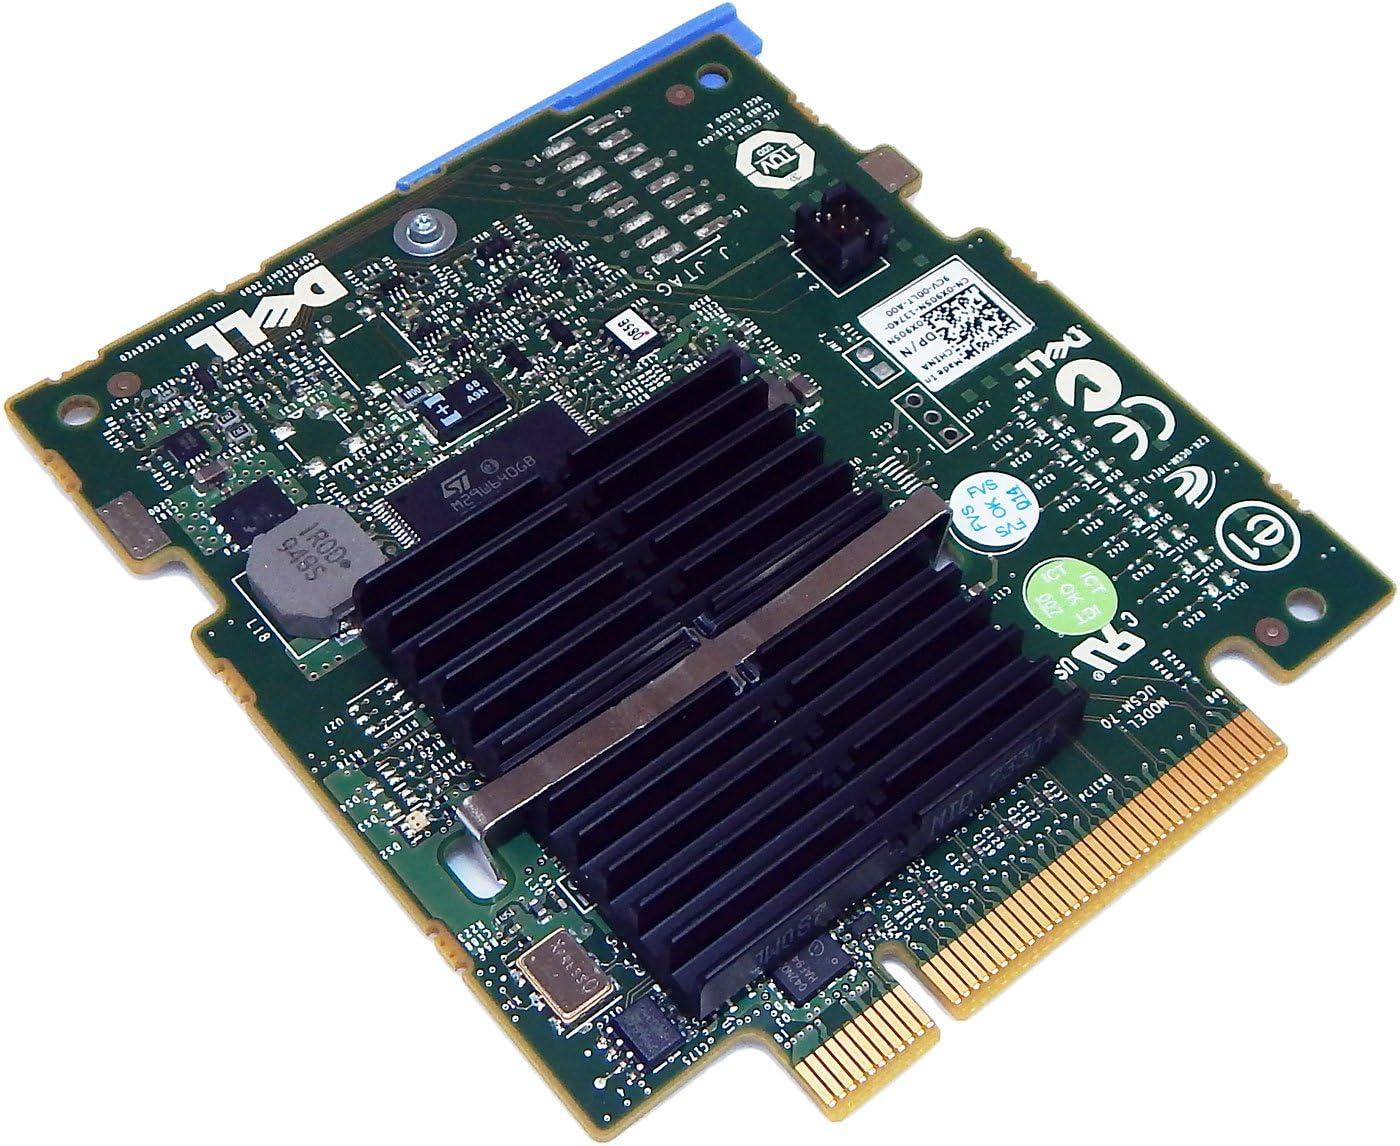 Dell PERC H200 6GBs SAS PCIe Raid Adapter X905N LSISAS2008/62114B1 chipset